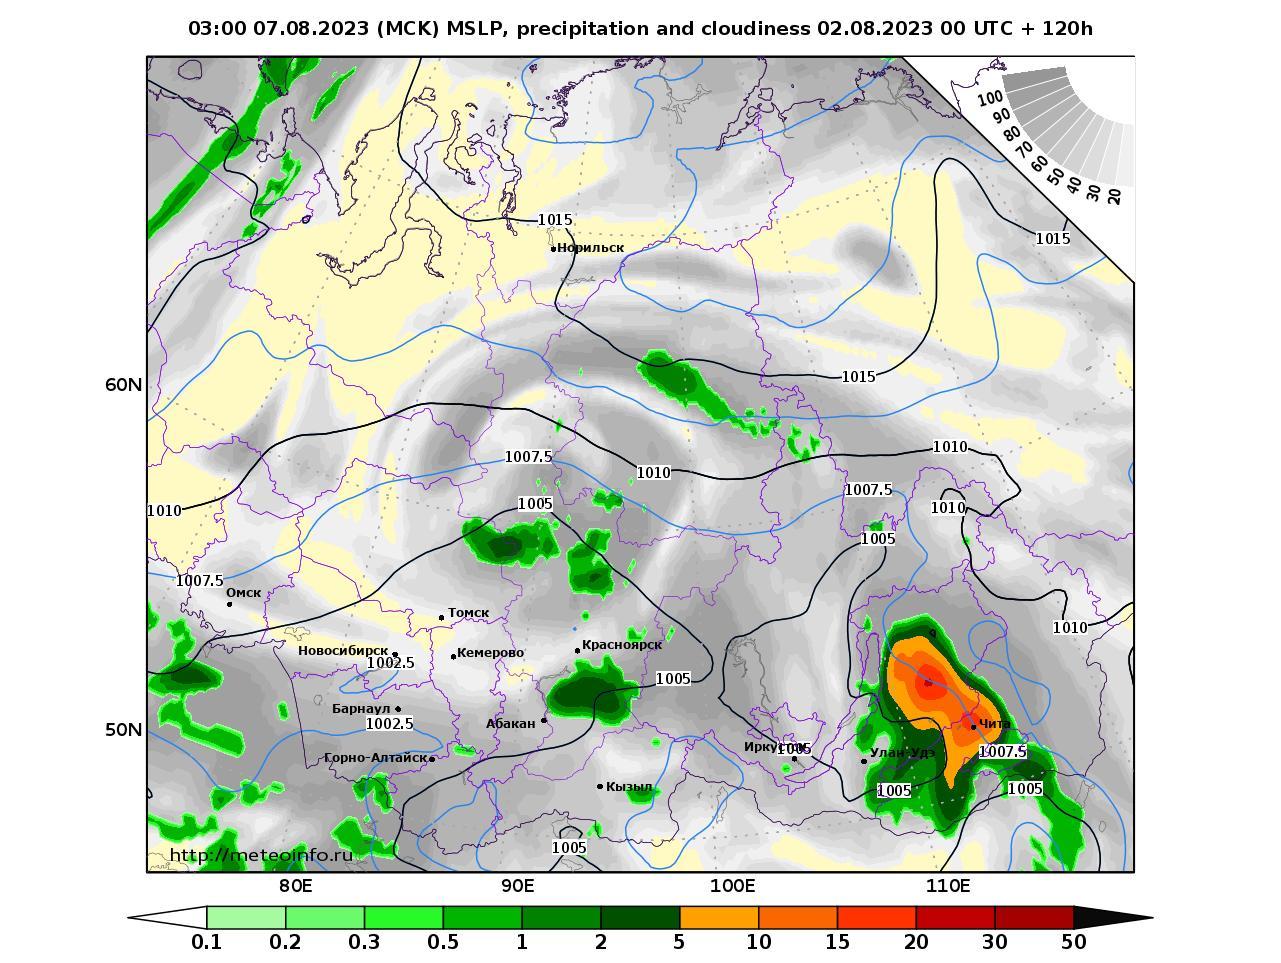 Сибирский Федеральный округ, прогностическая карта осадки и давление, заблаговременность прогноза 120 часов